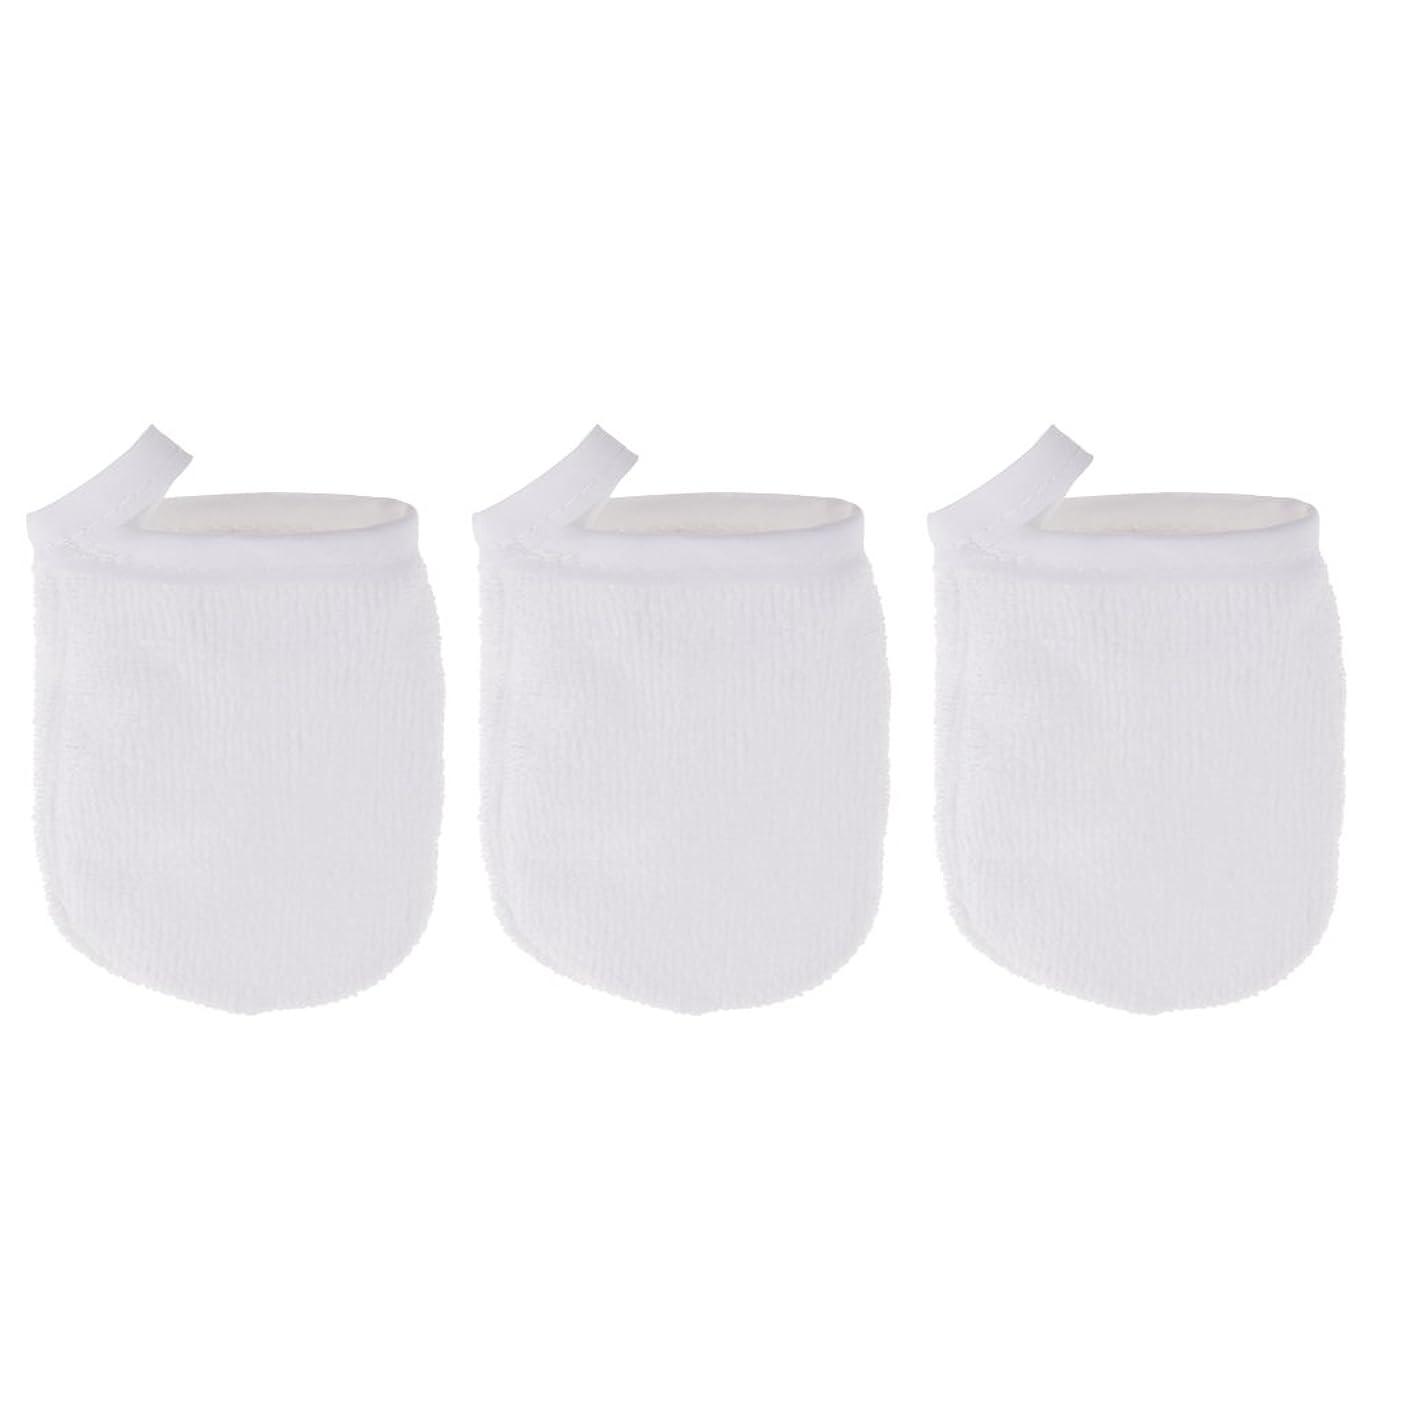 針ポンプ背骨Perfk 3個 クレンジンググローブ 手袋 洗顔グローブ 肌に気持ちいい フェイシャル 美容 ソフト マイクロファイバー グローブ メイクリムーバークロス 再使用可能